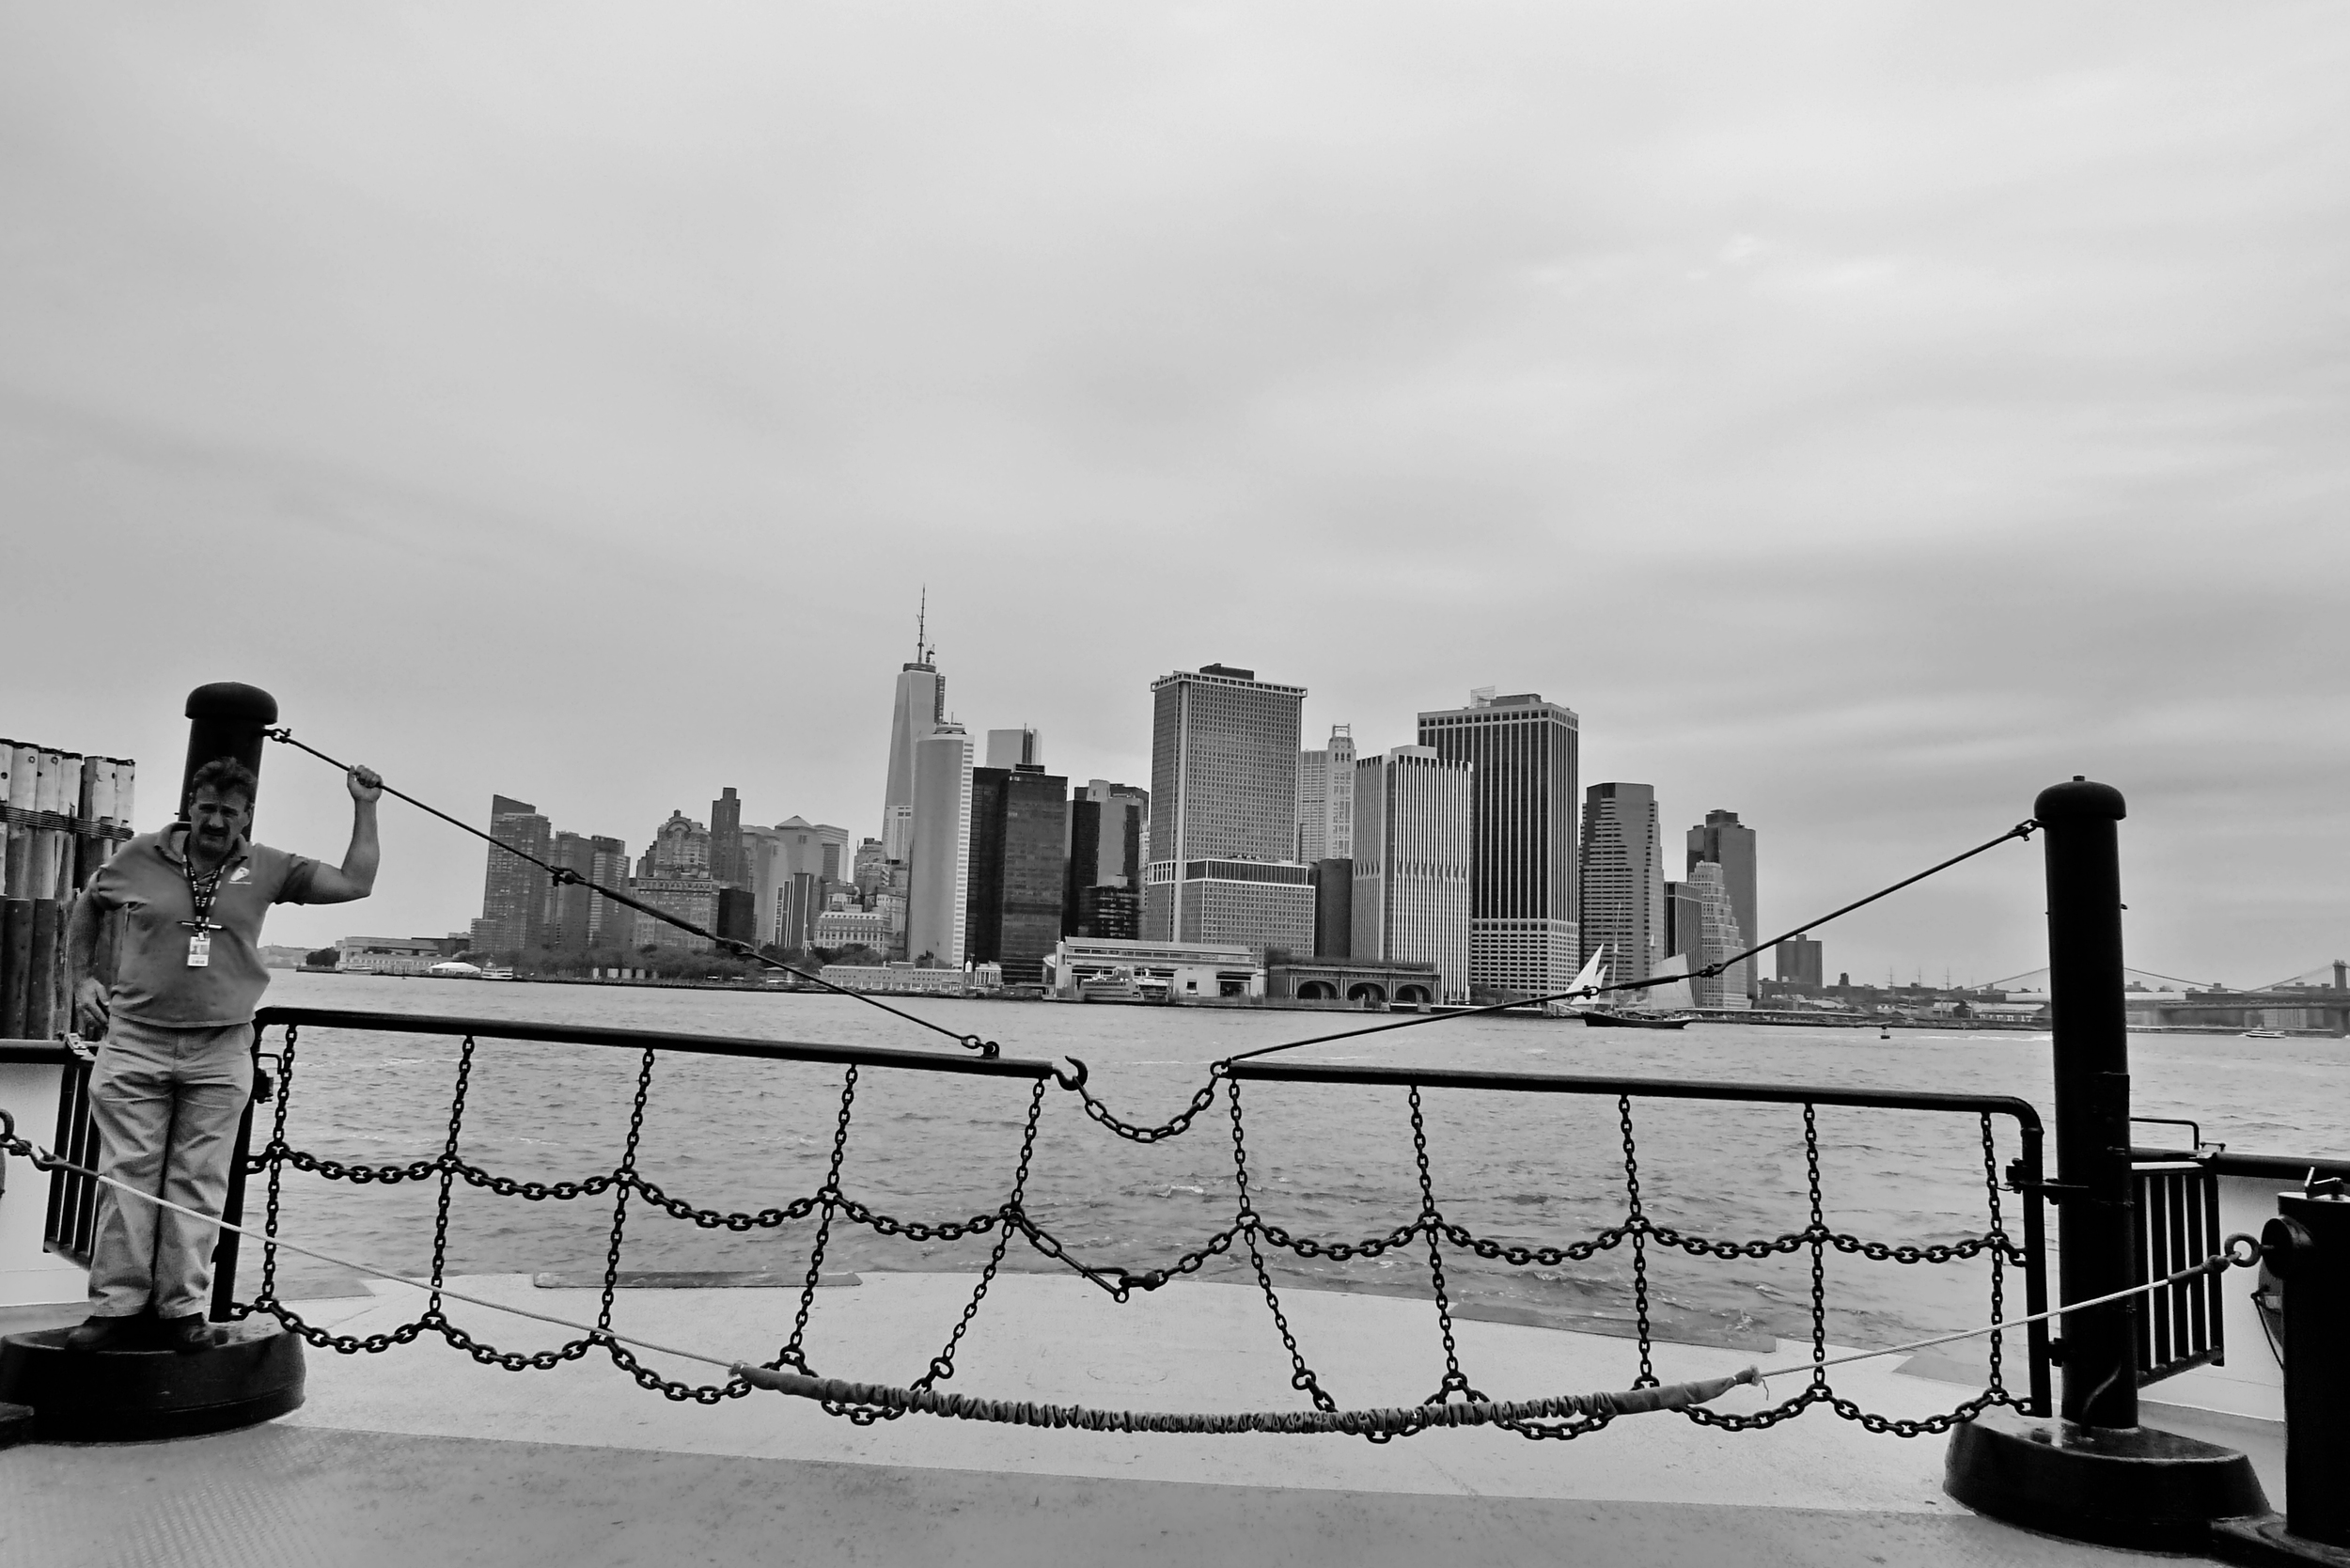 nycboat.jpg